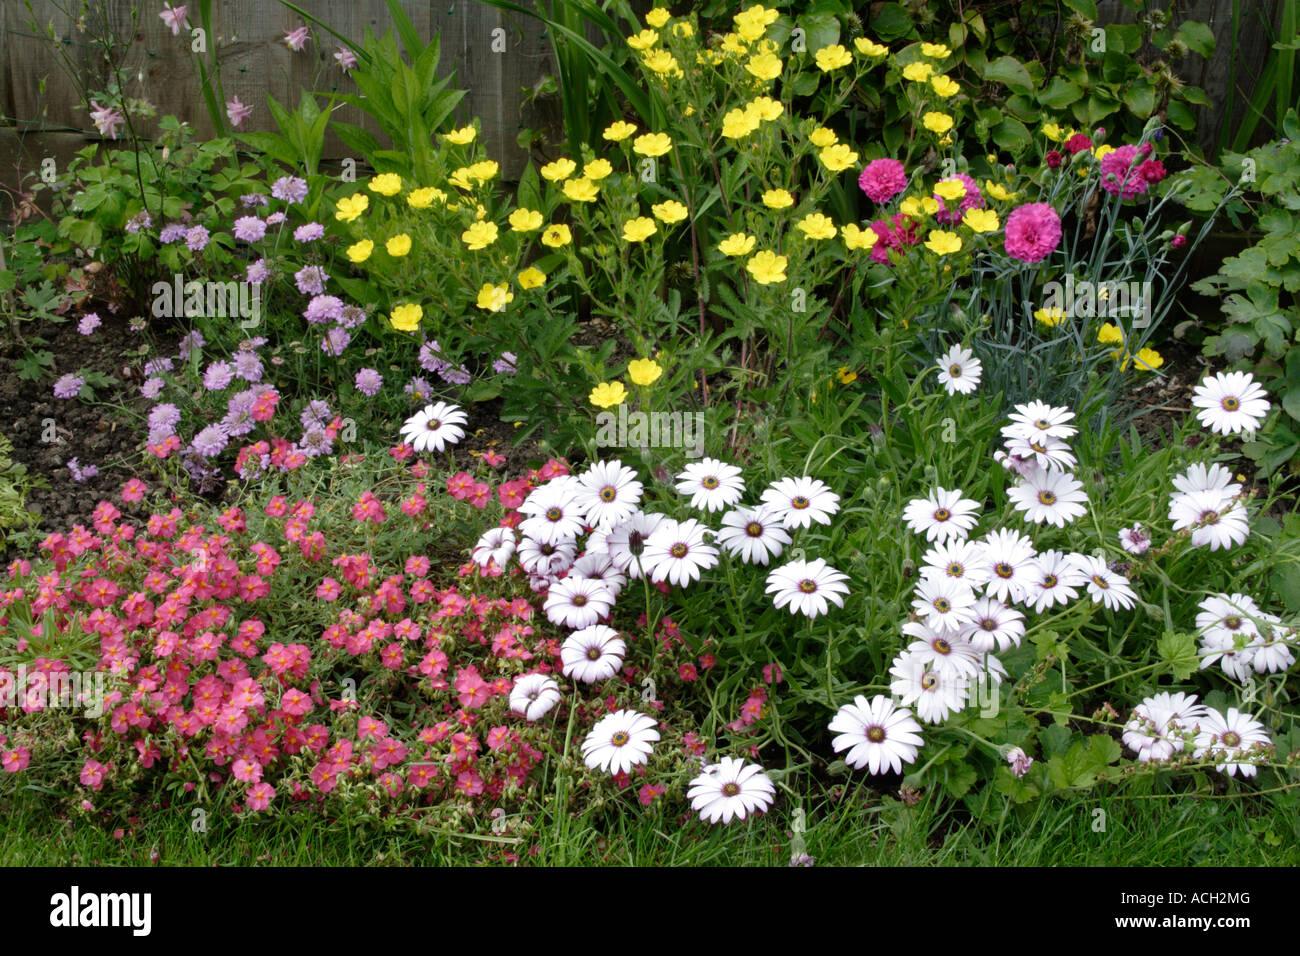 Cottage Garden Flower Bed With White Osteospermum, England, UK